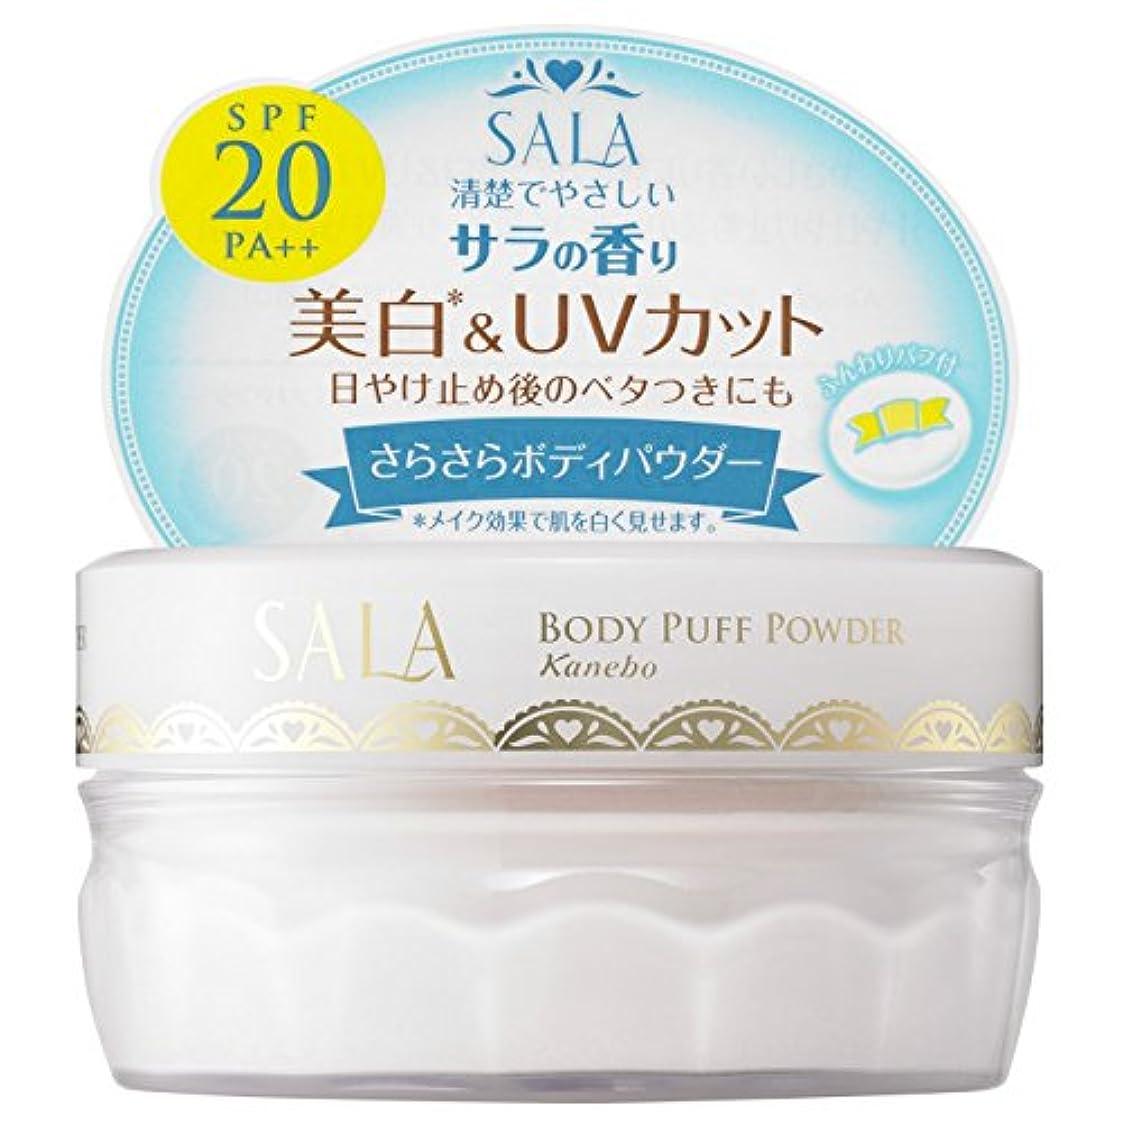 ブル足アレルギー性サラ ボディパフパウダー UV サラの香り